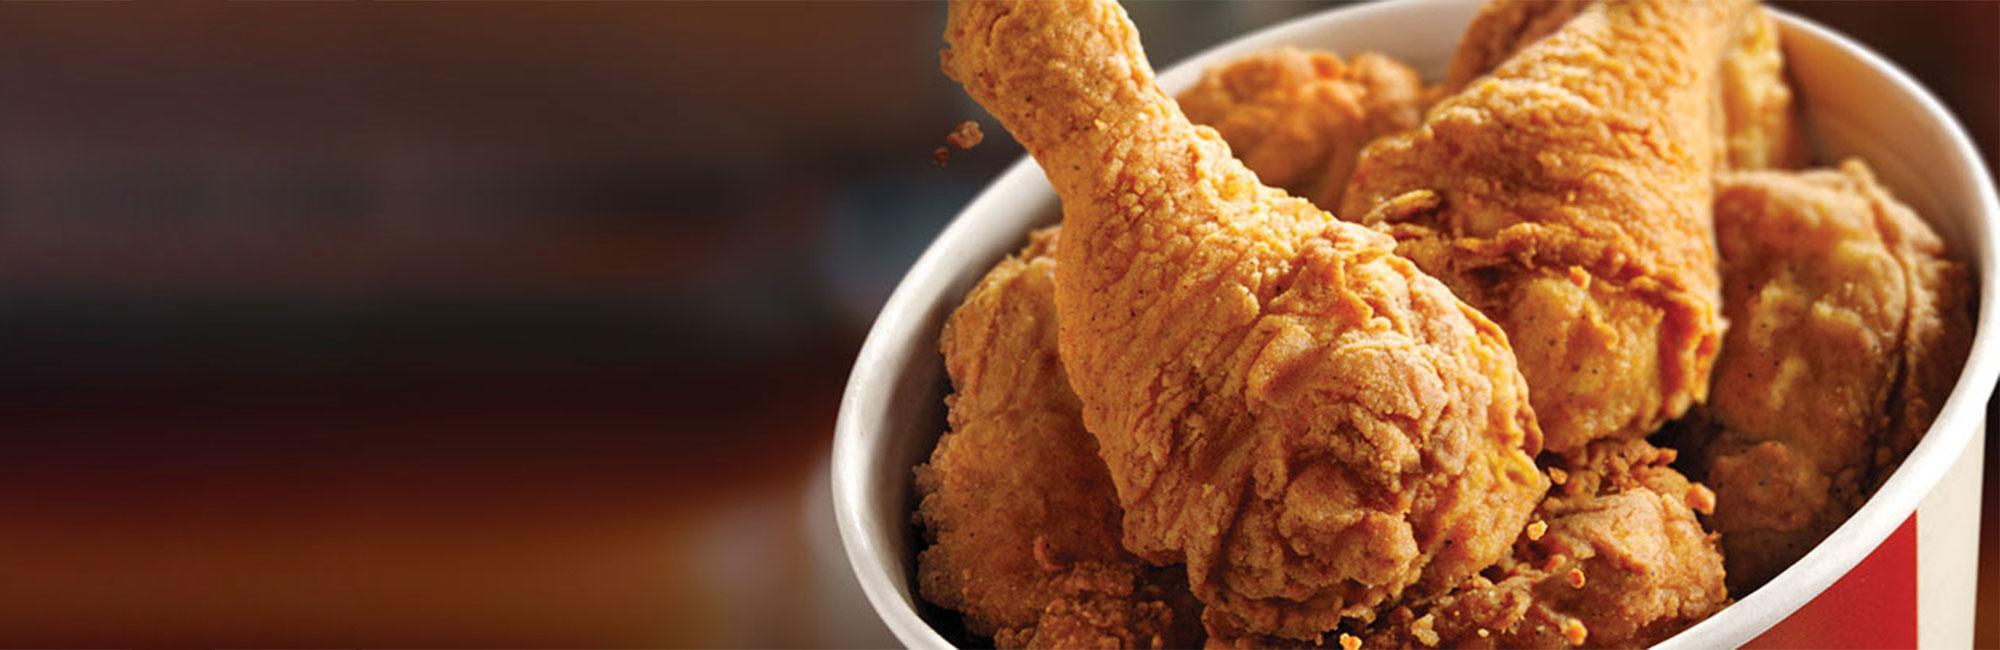 KFC - Banner Image - new